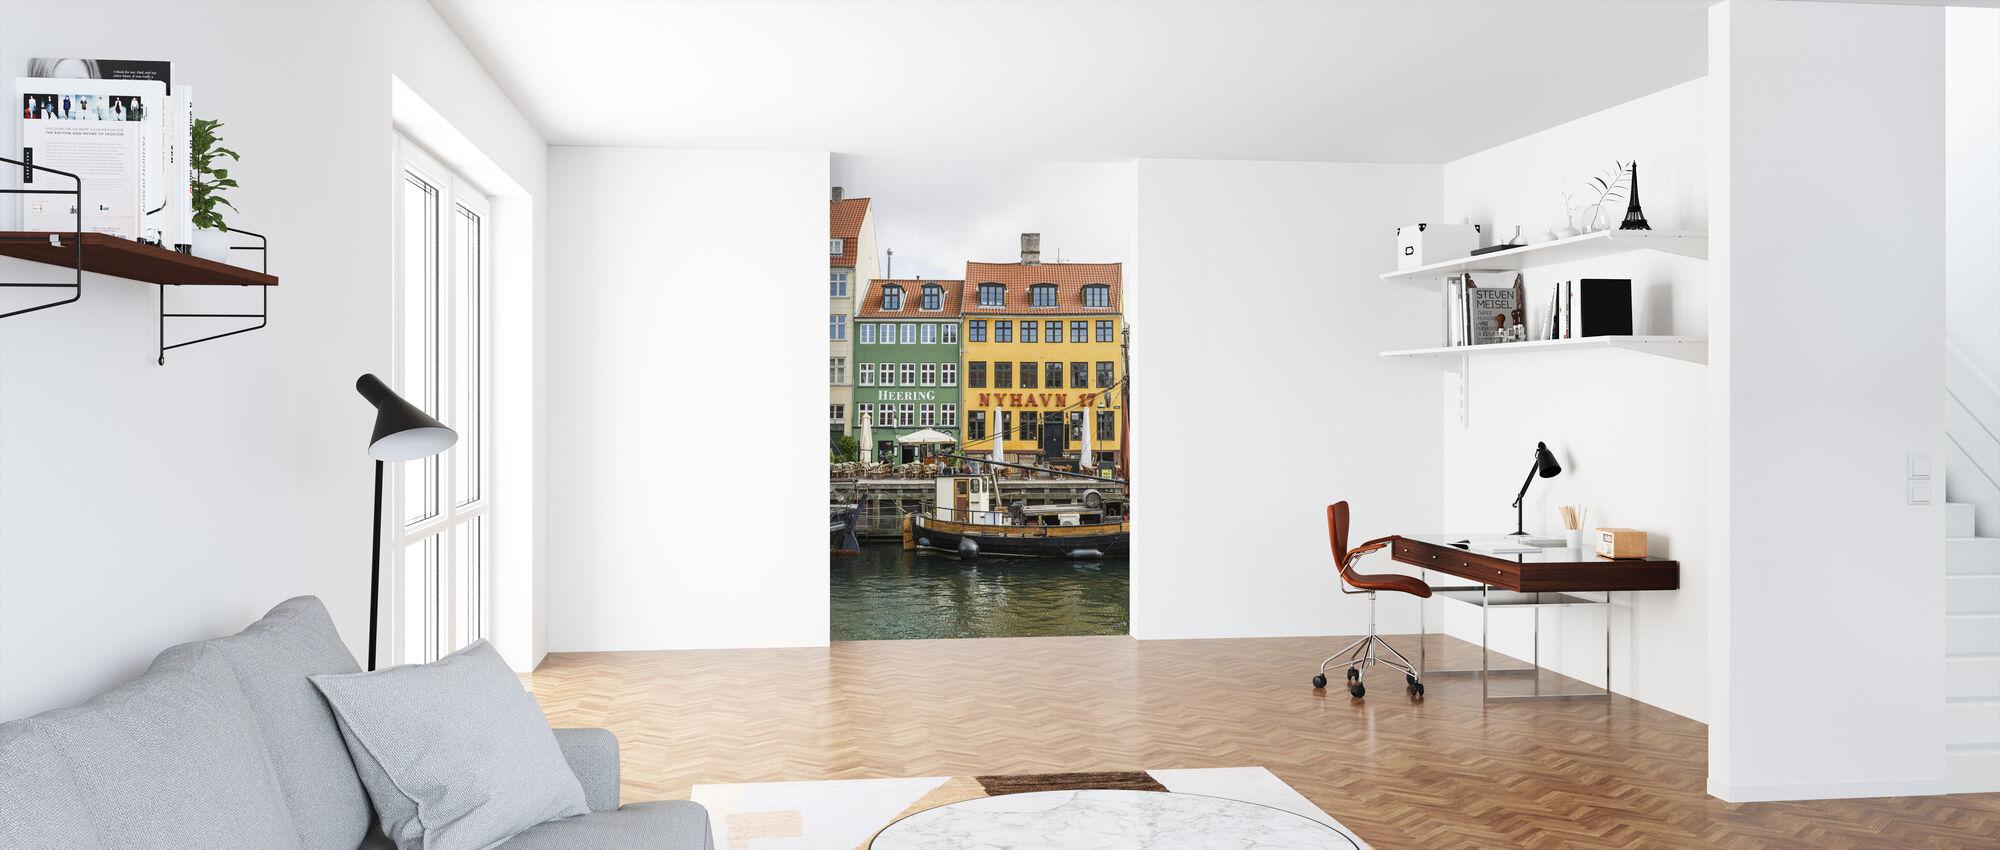 Nyhavn 17, Copenhagen, Denmark - Wallpaper - Office